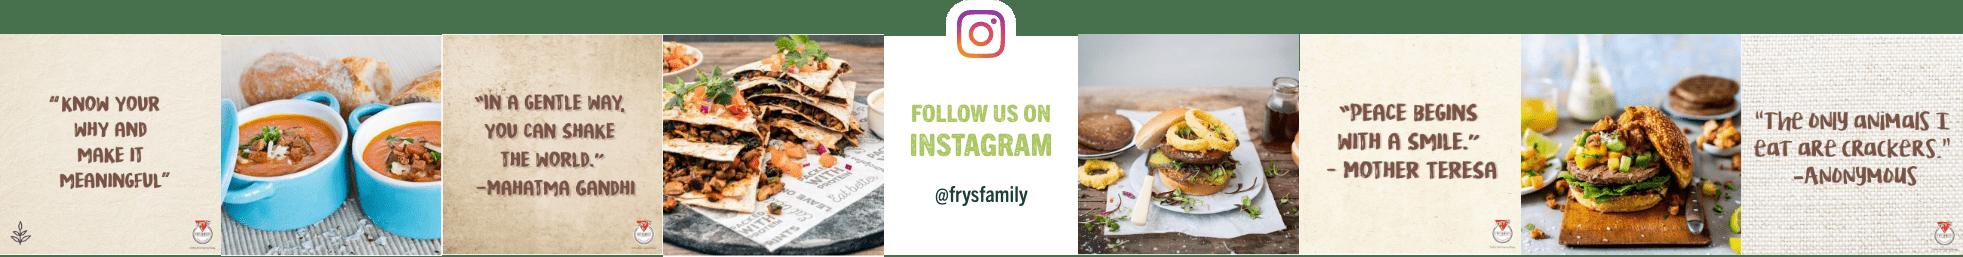 Fry's Instagram Banner